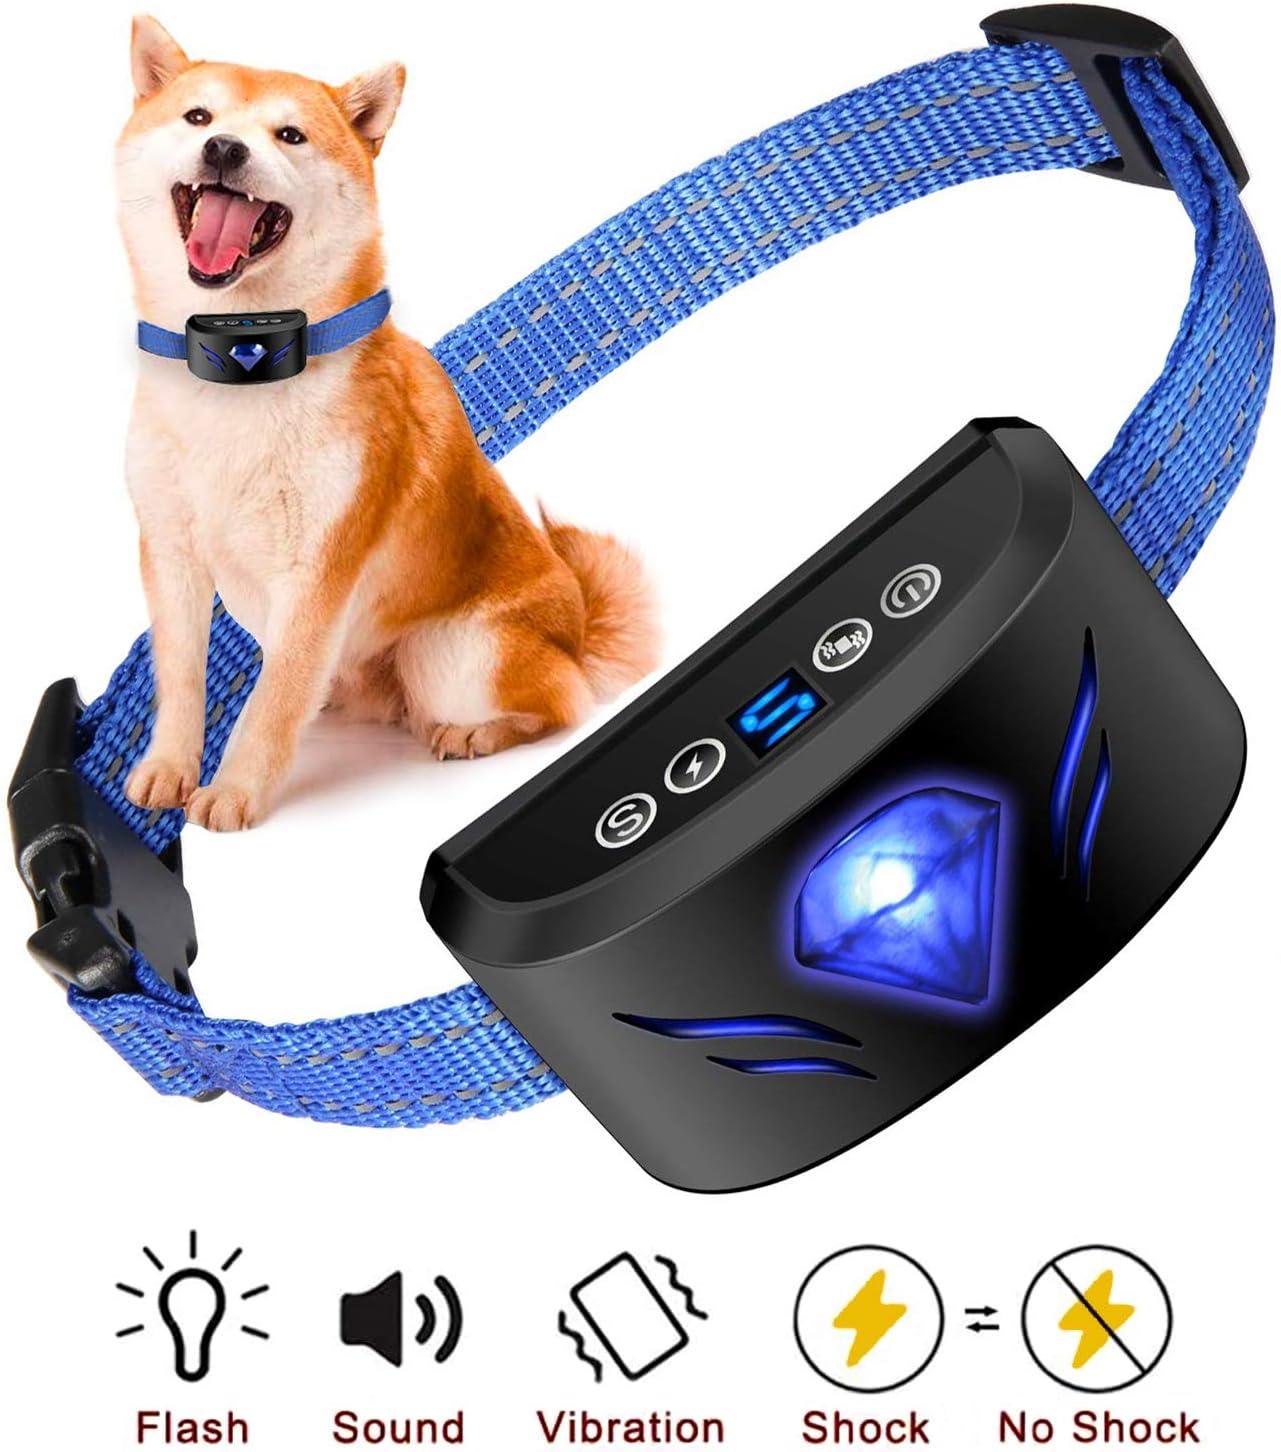 Collar Adiestramiento Perros,Collar Antiladridos con Sonido y Vibración,7 Niveles de Sensibilidad Ajustables Detección Inteligente Mejorada Collar de Perro para Perros Pequeños Medianos y Grandes